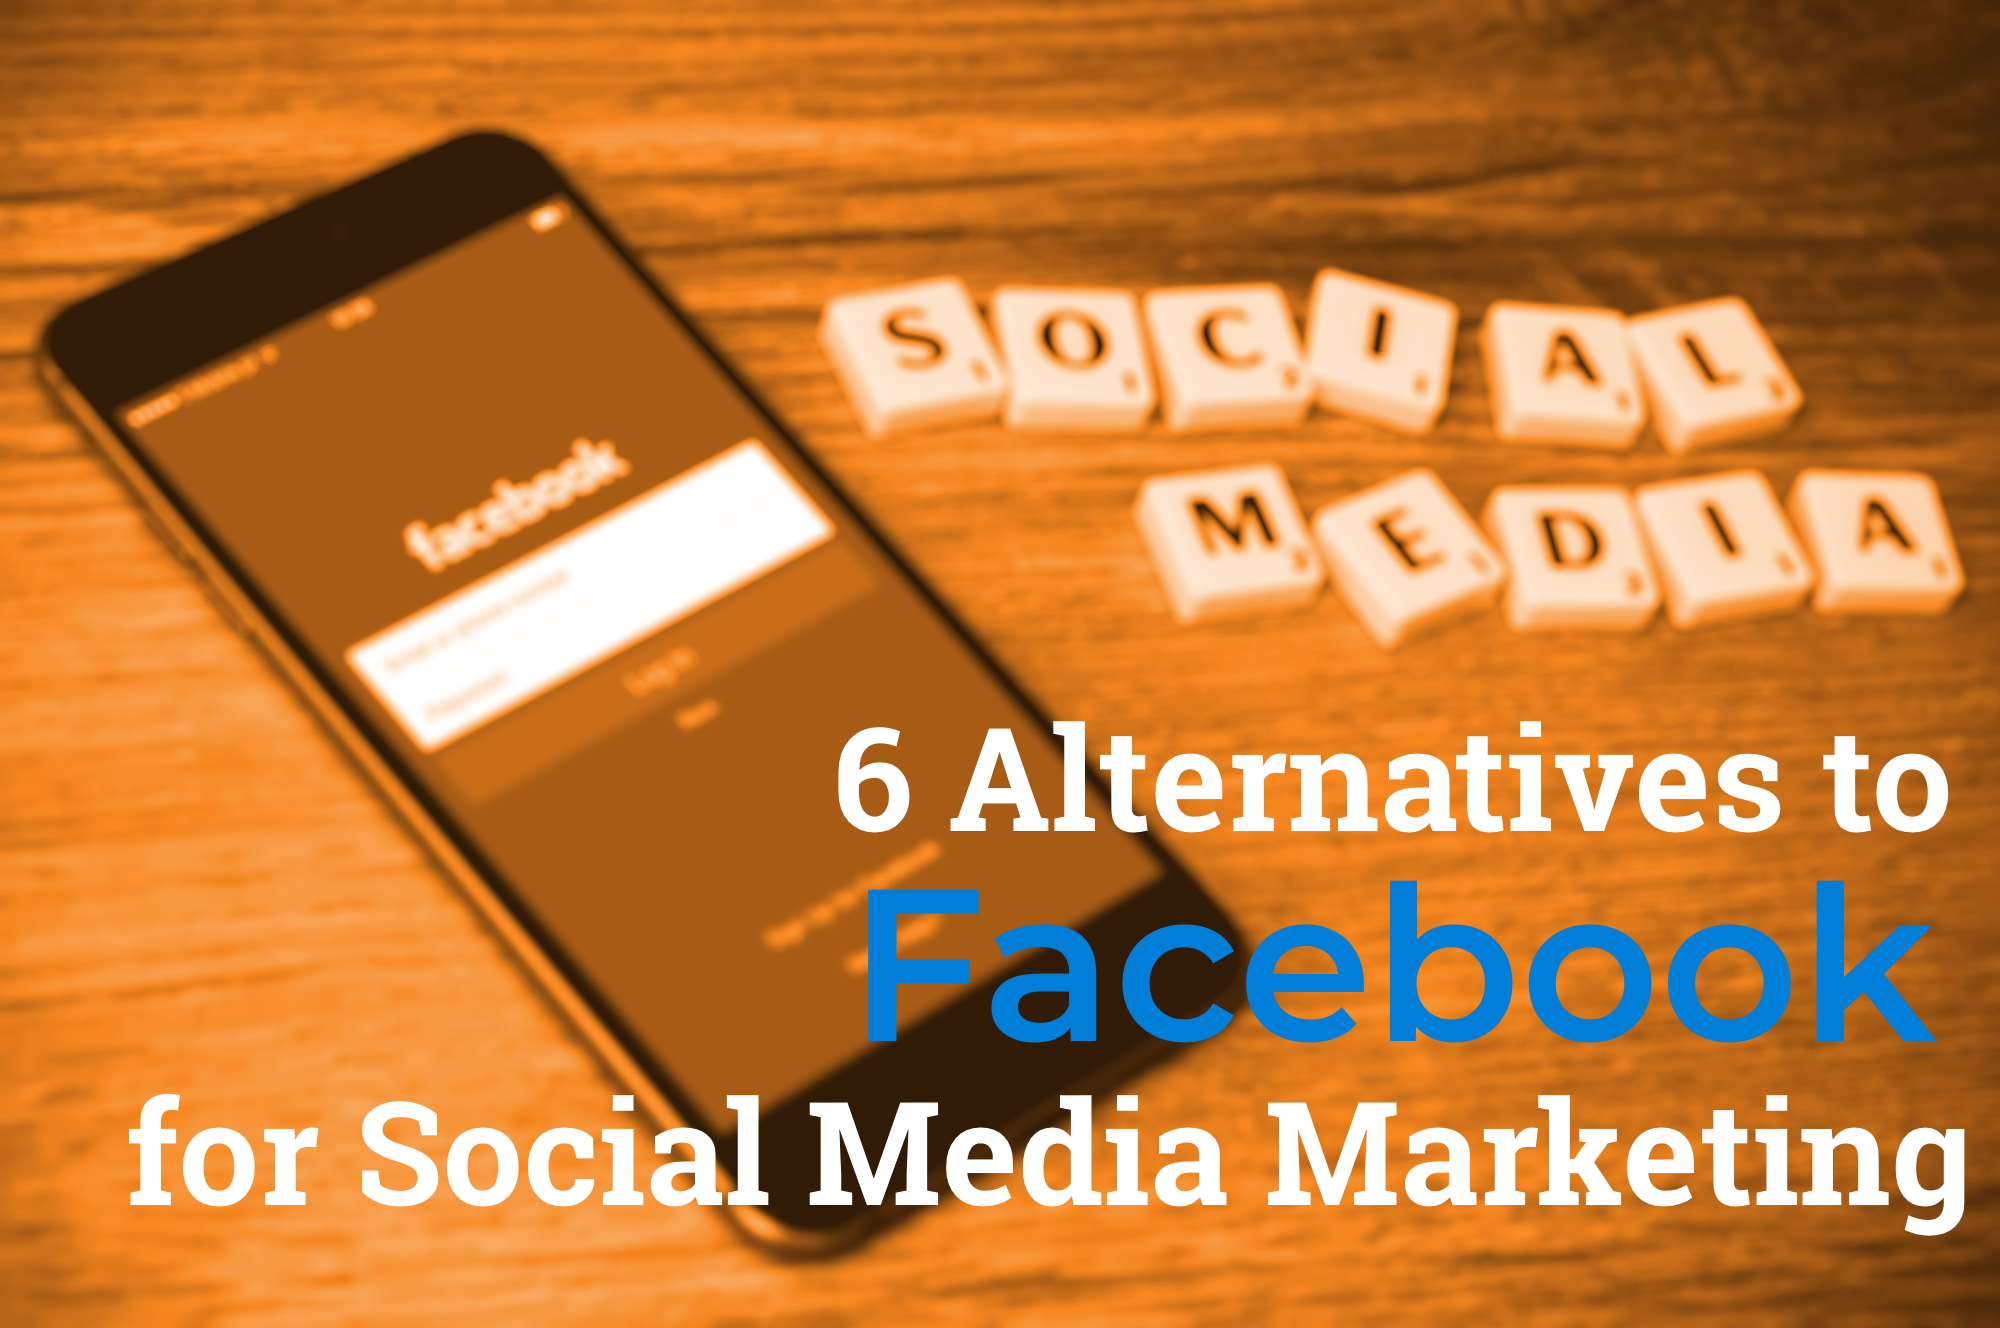 6 Alternatives to Facebook for Social Media Marketing